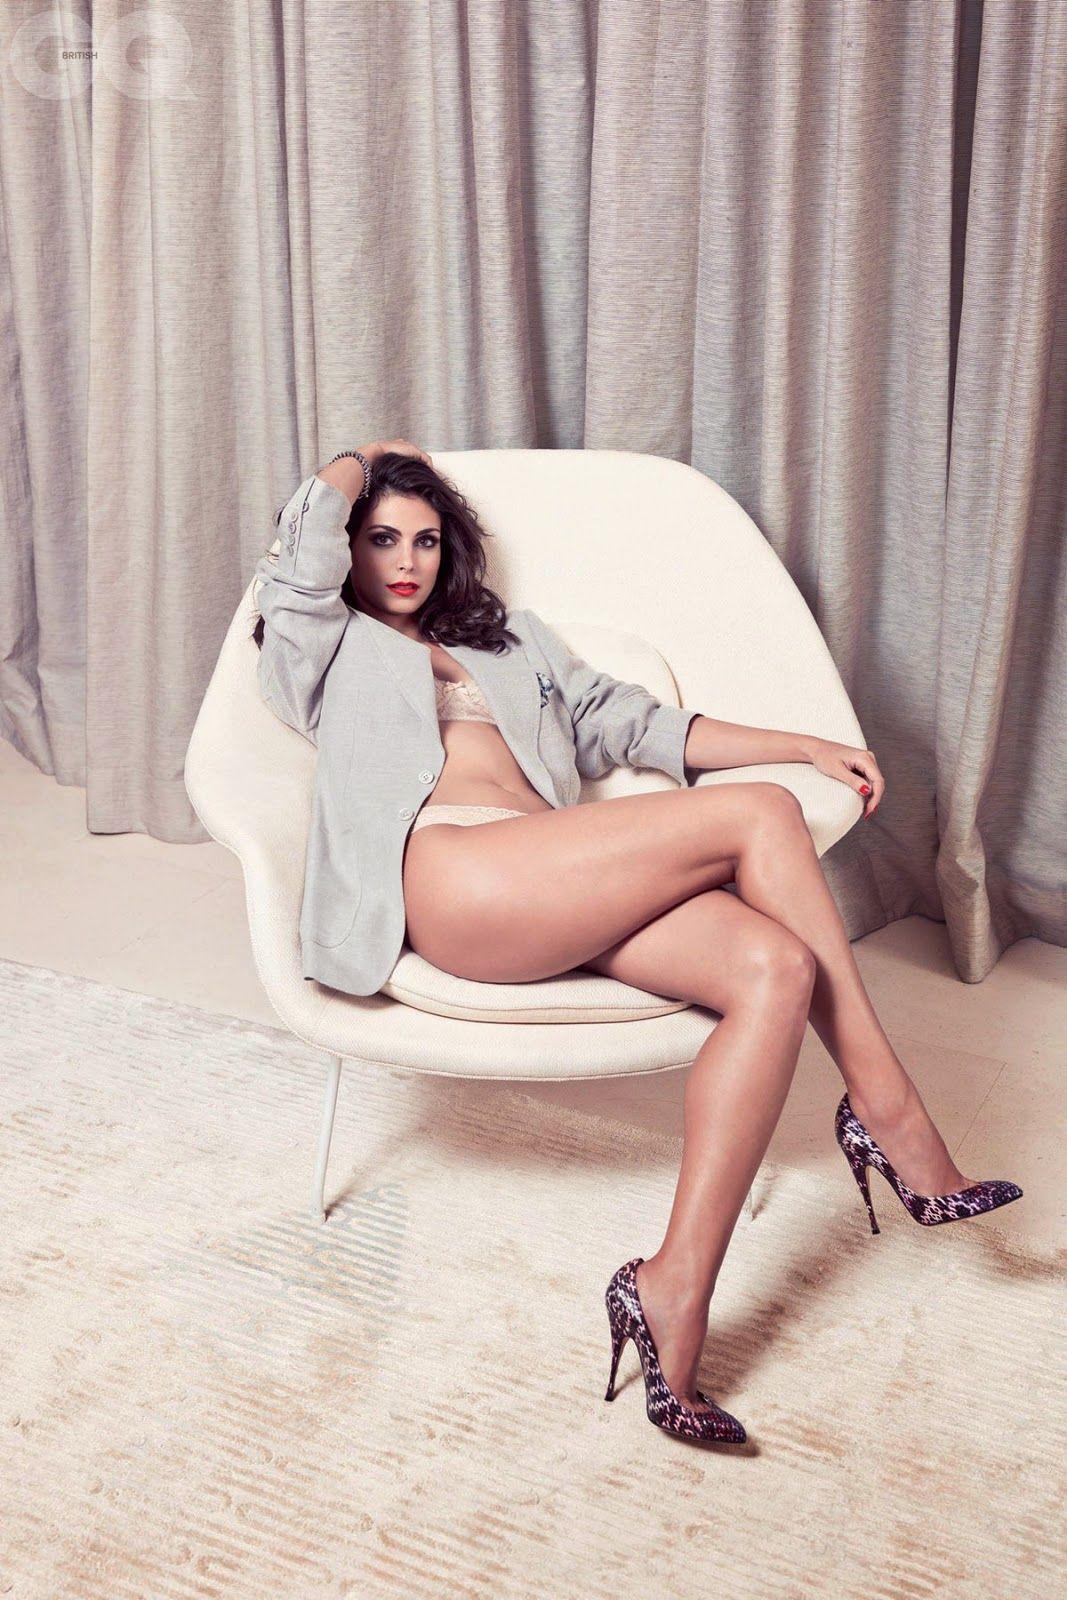 Celebrity Morena Baccarin nude photos 2019